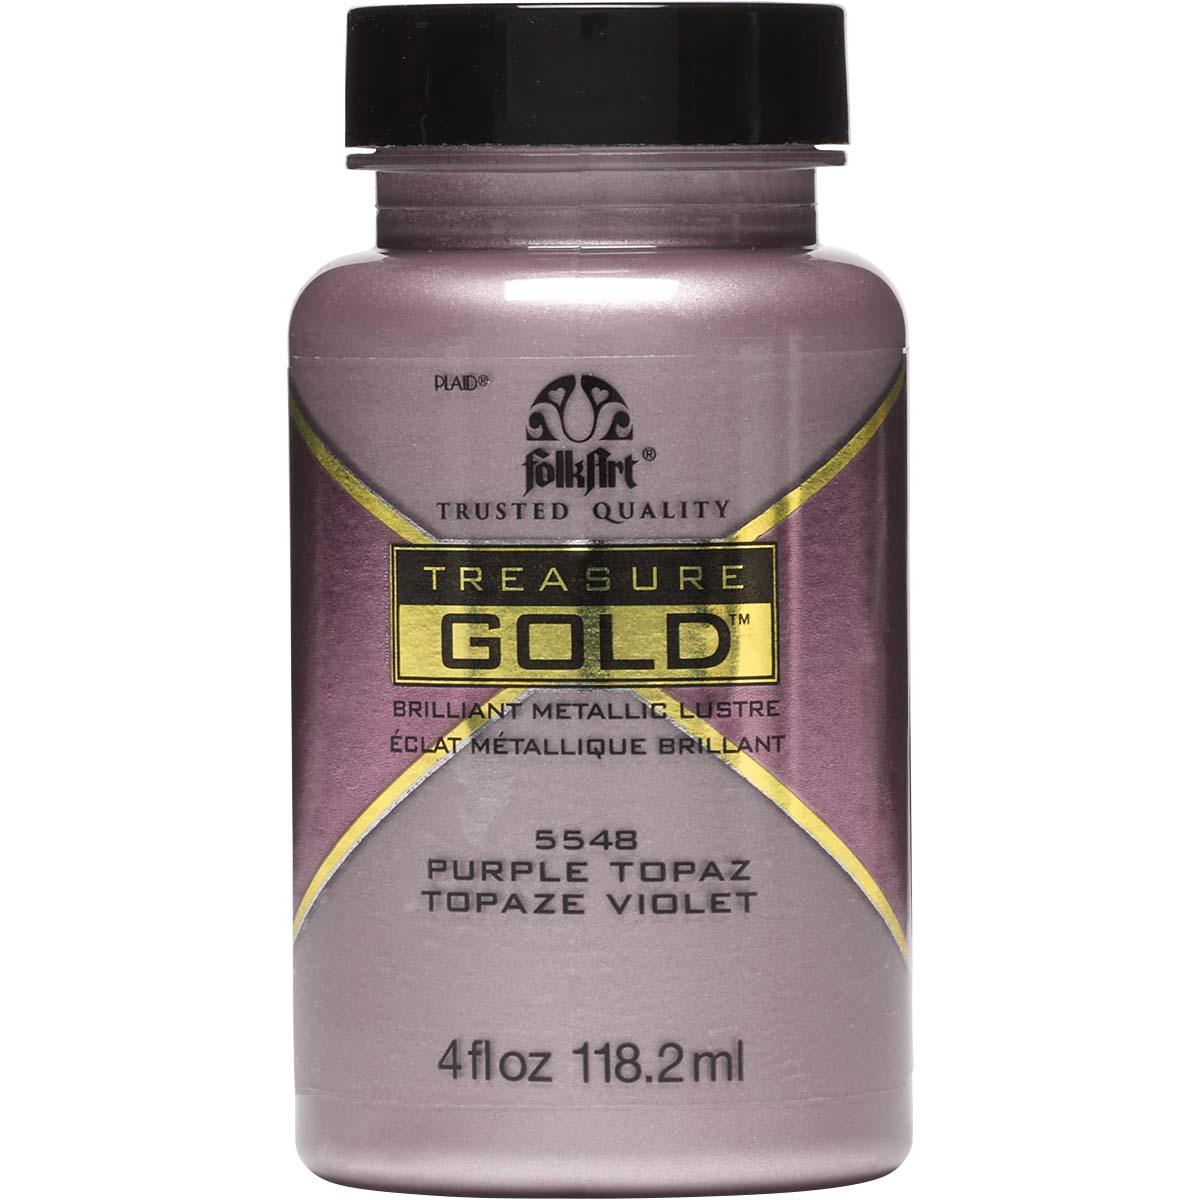 FolkArt ® Treasure Gold™ - Purple Topaz, 4 oz. - 5548